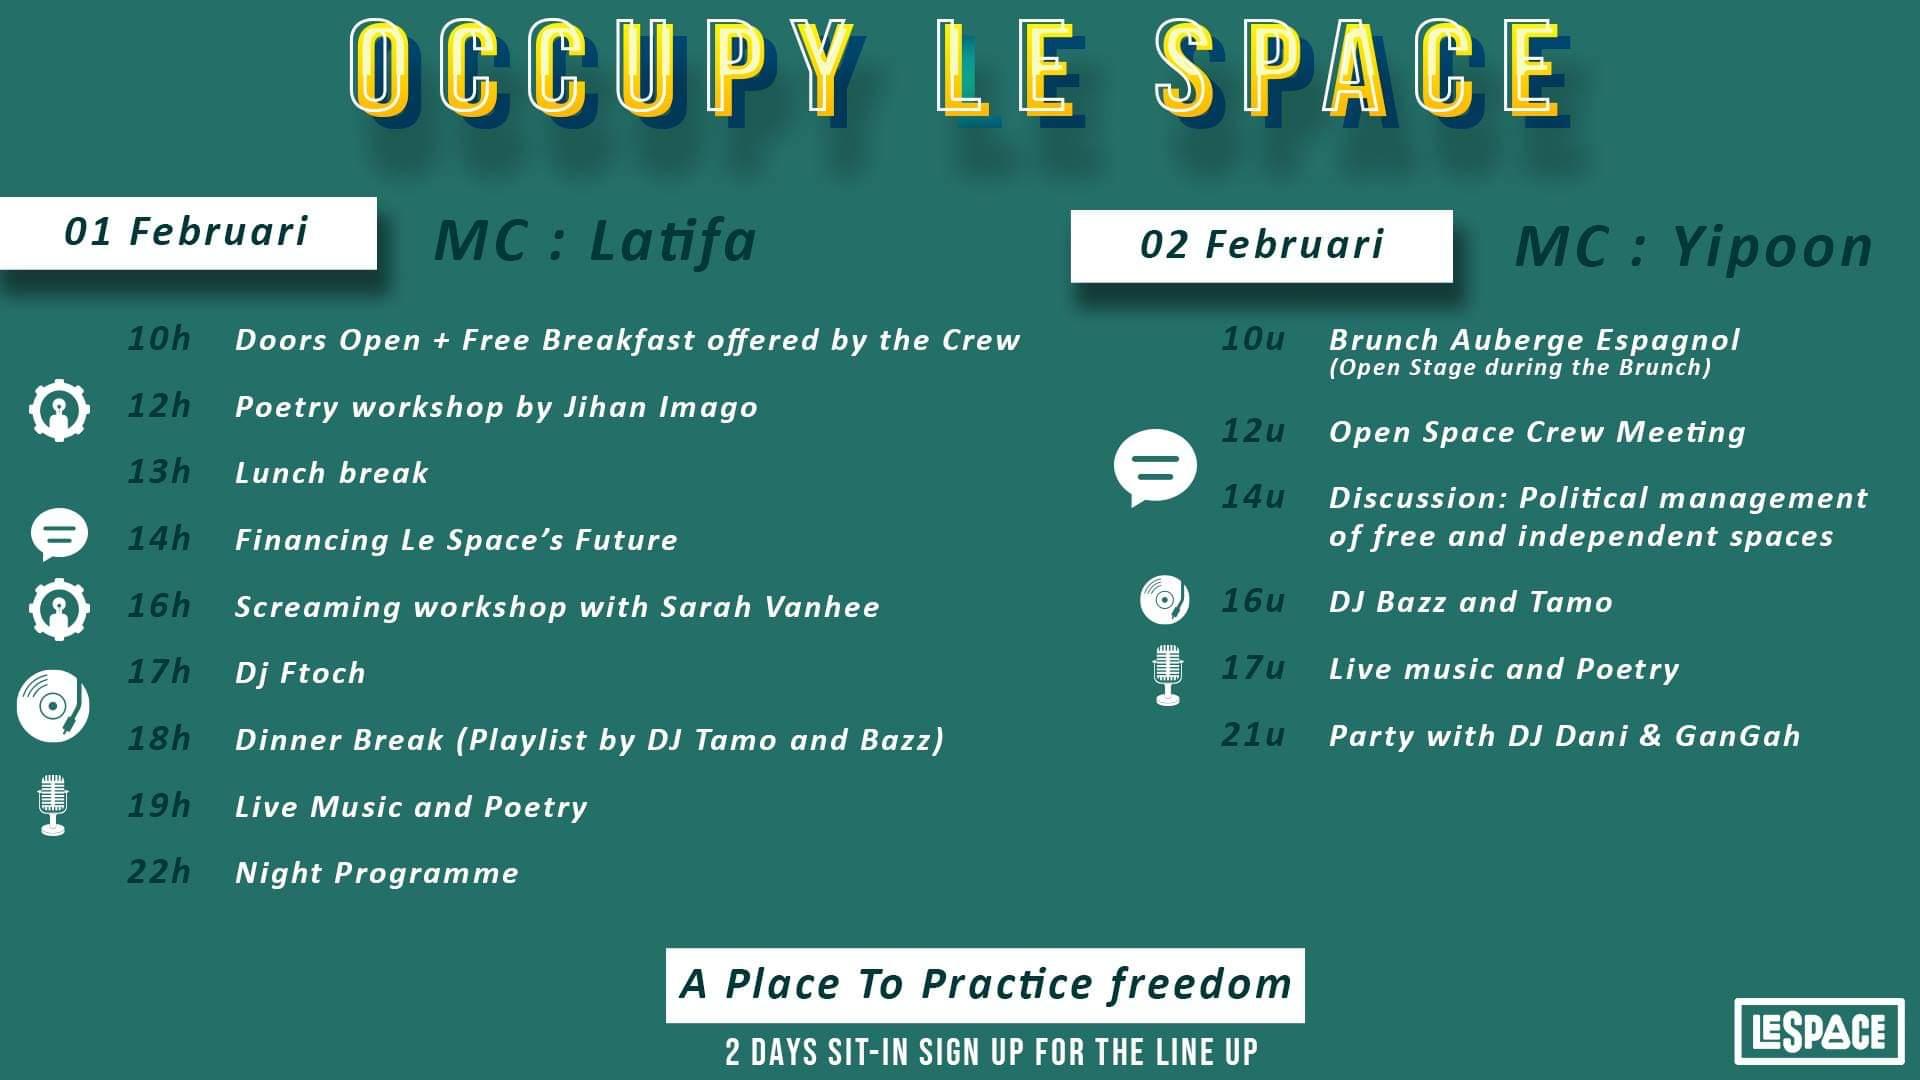 Programma Occupy Le Space zaterdag 1 februari en zondag 2 februari.